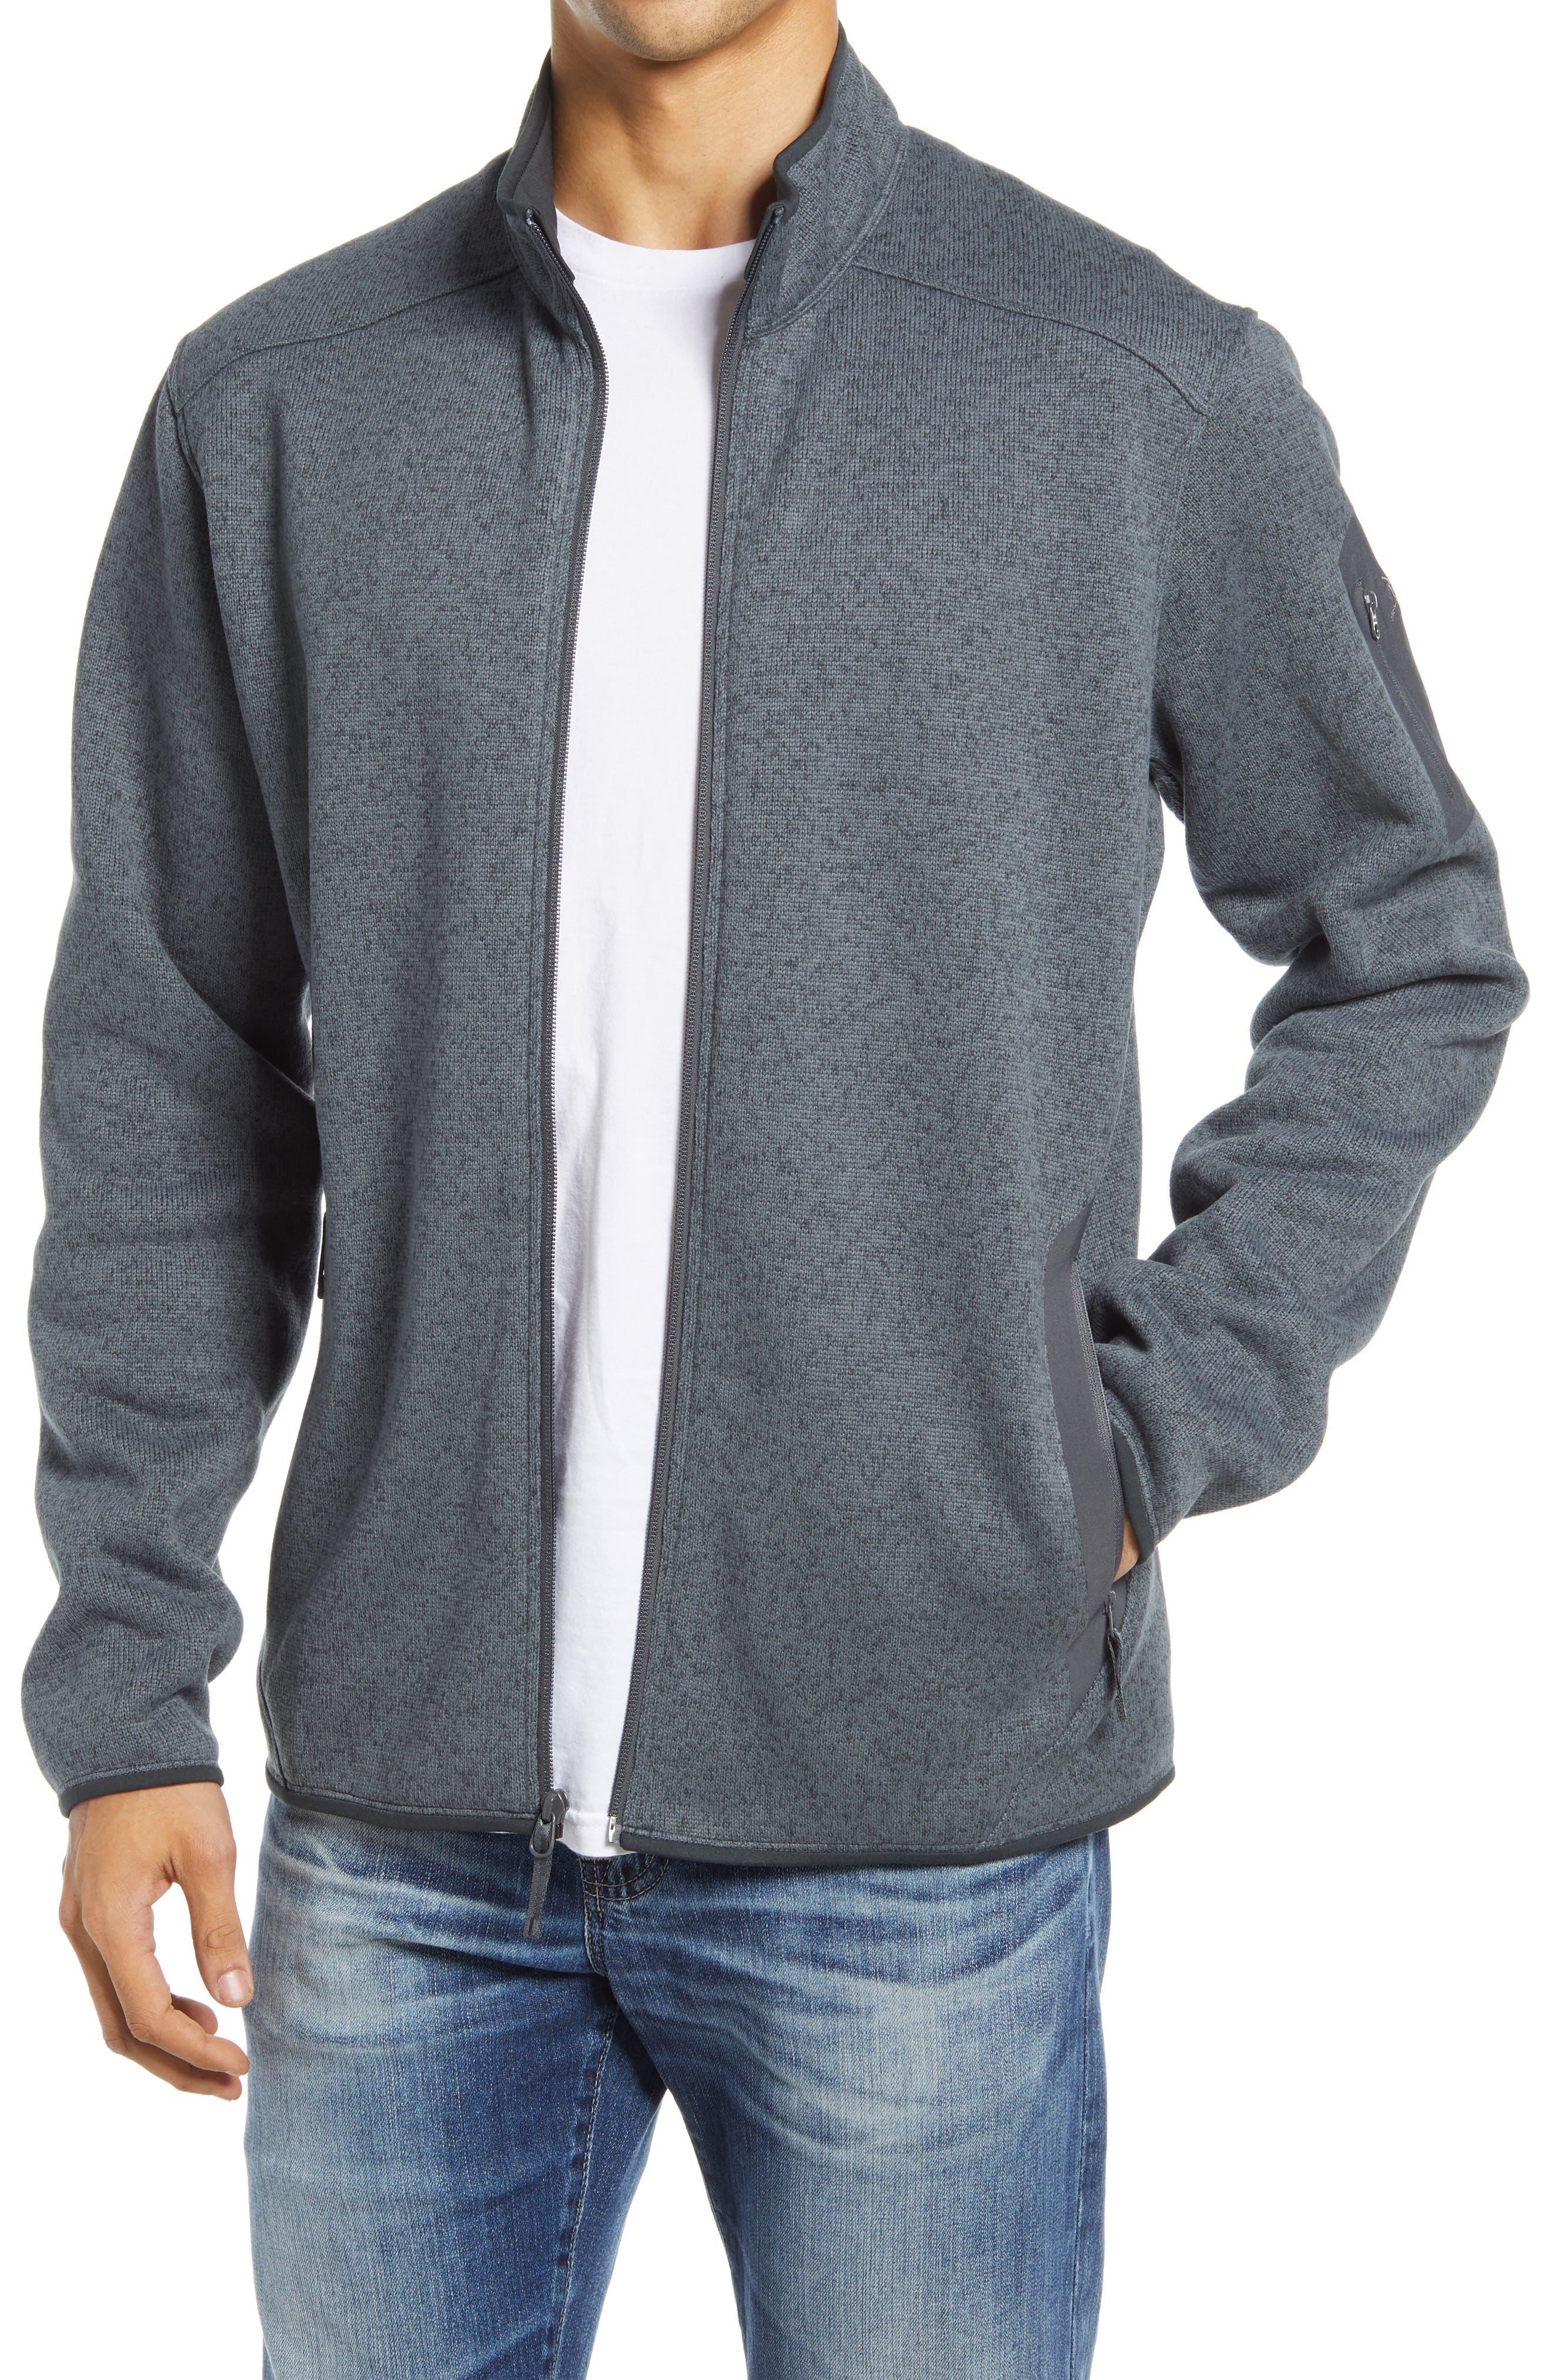 Covert Zip Sweater Cardigan